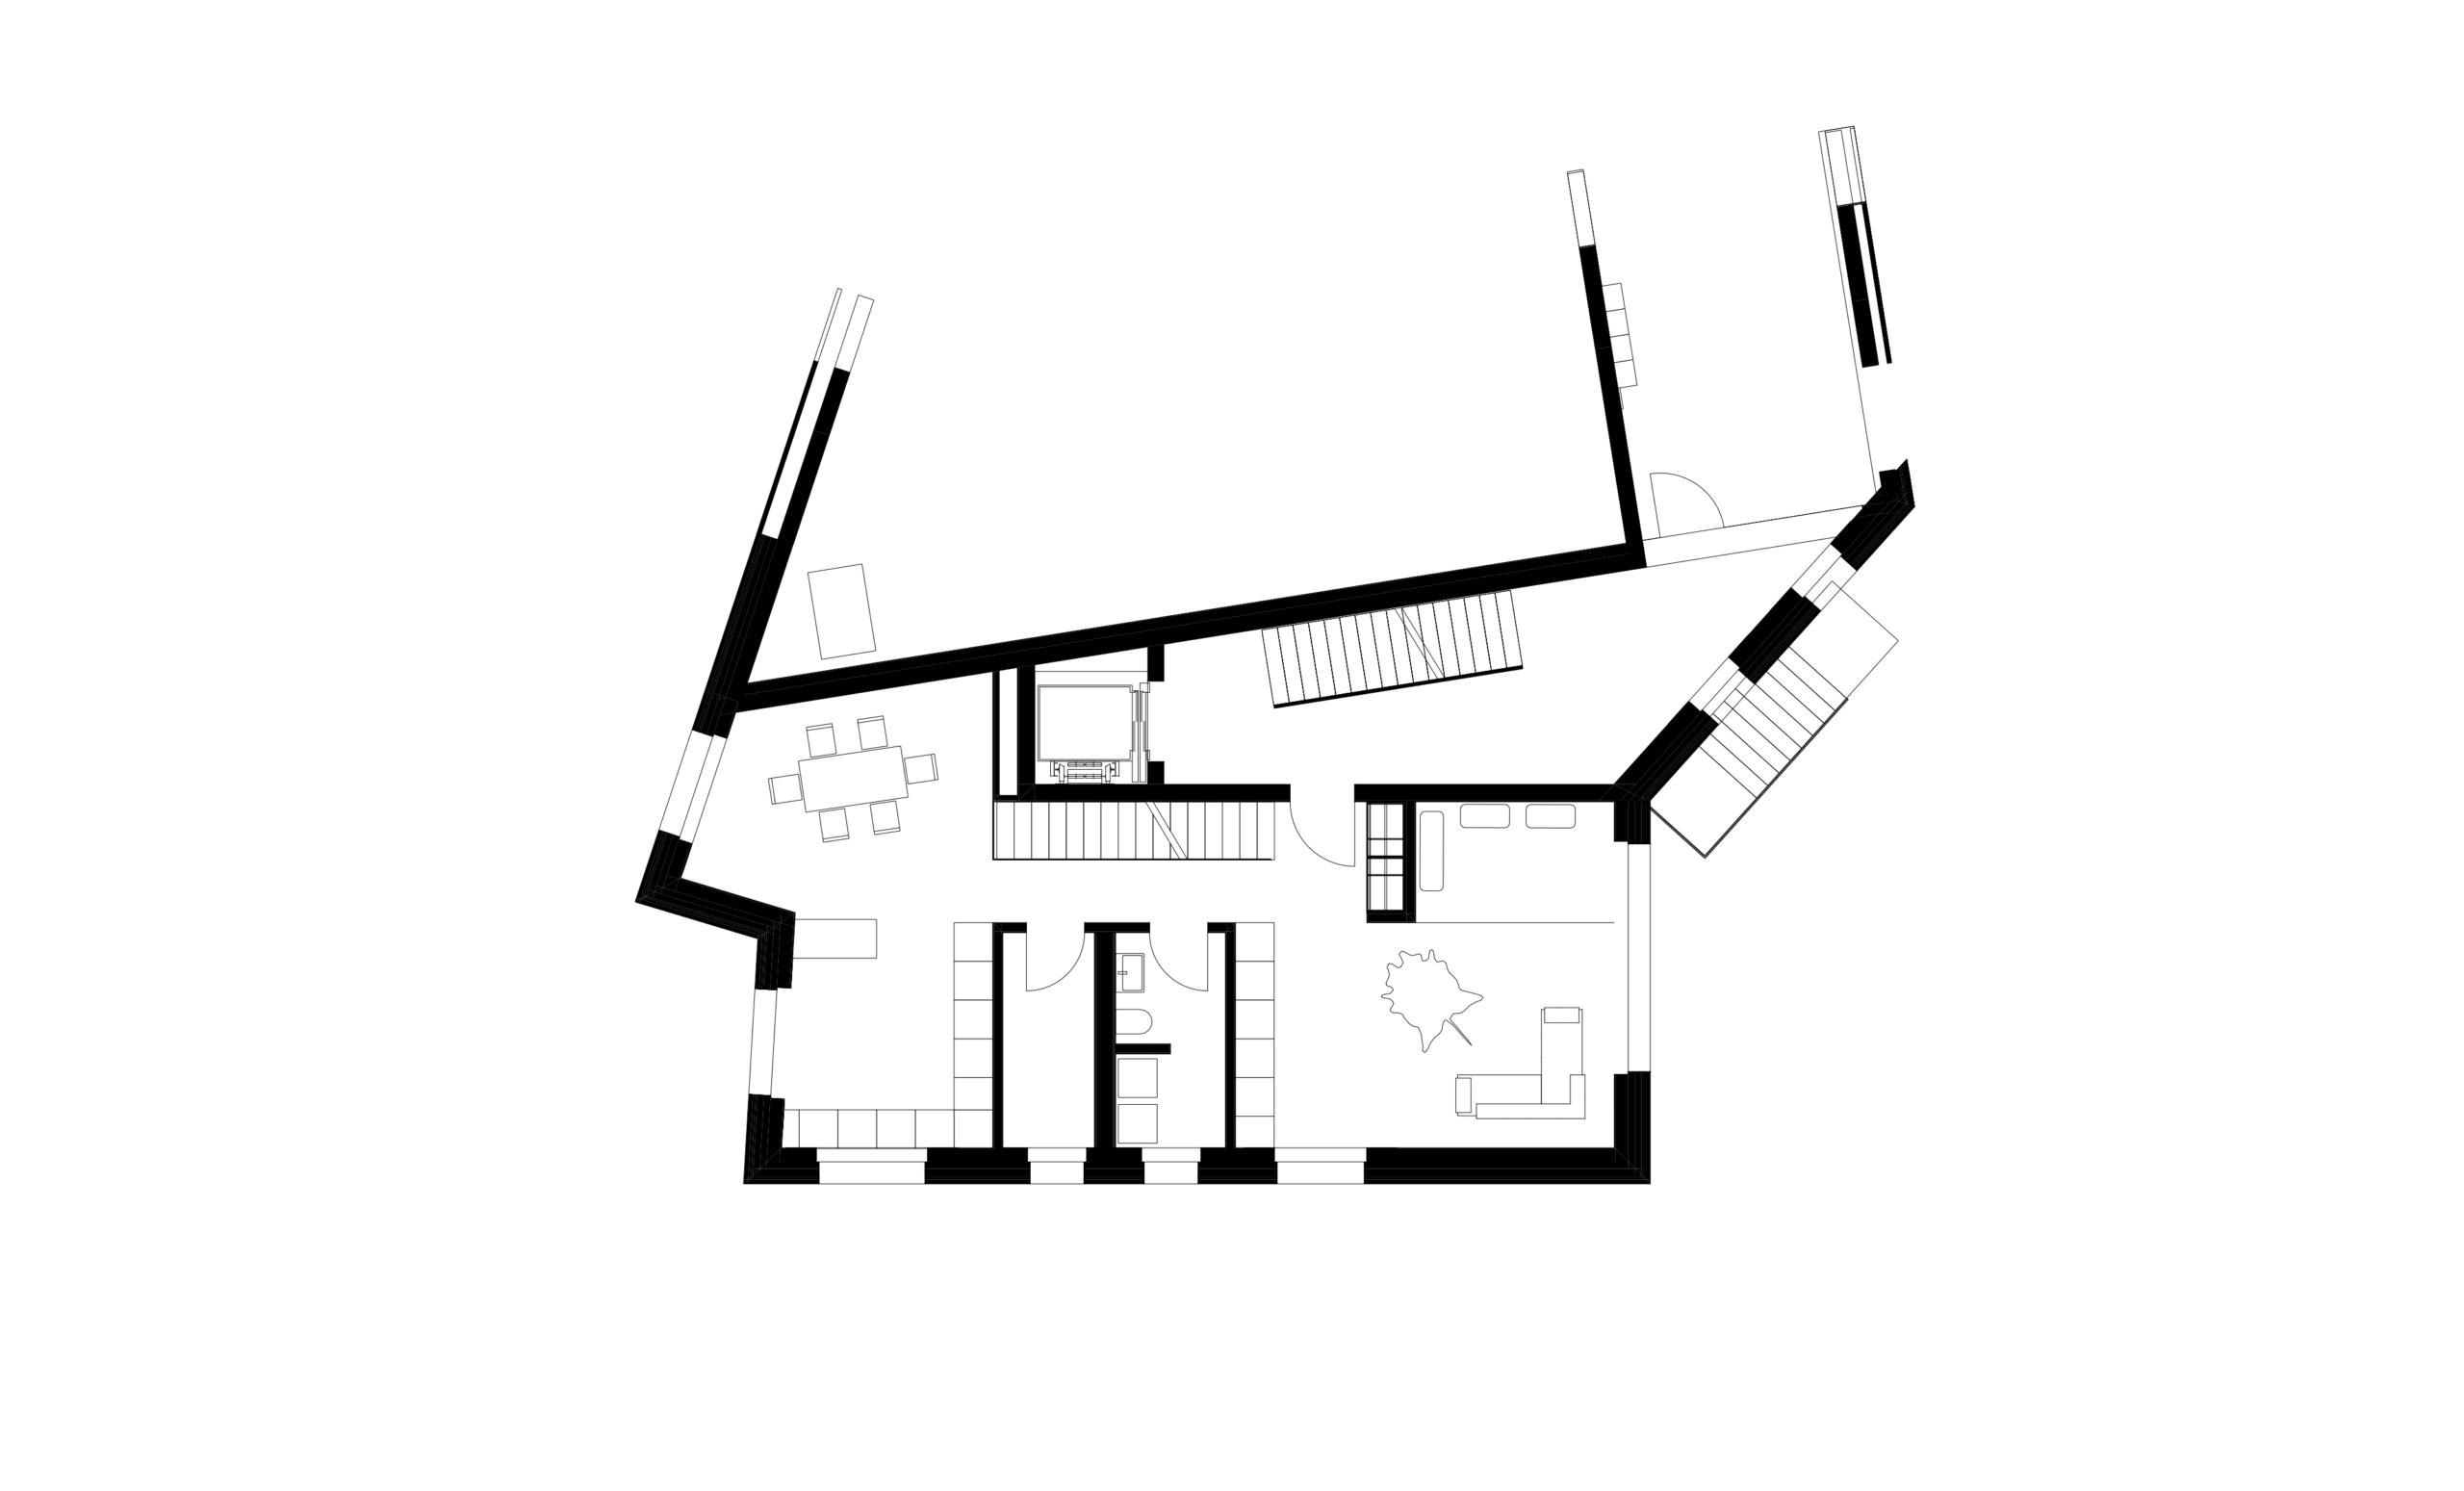 EG, Mehrfamilienhaus Richterswil